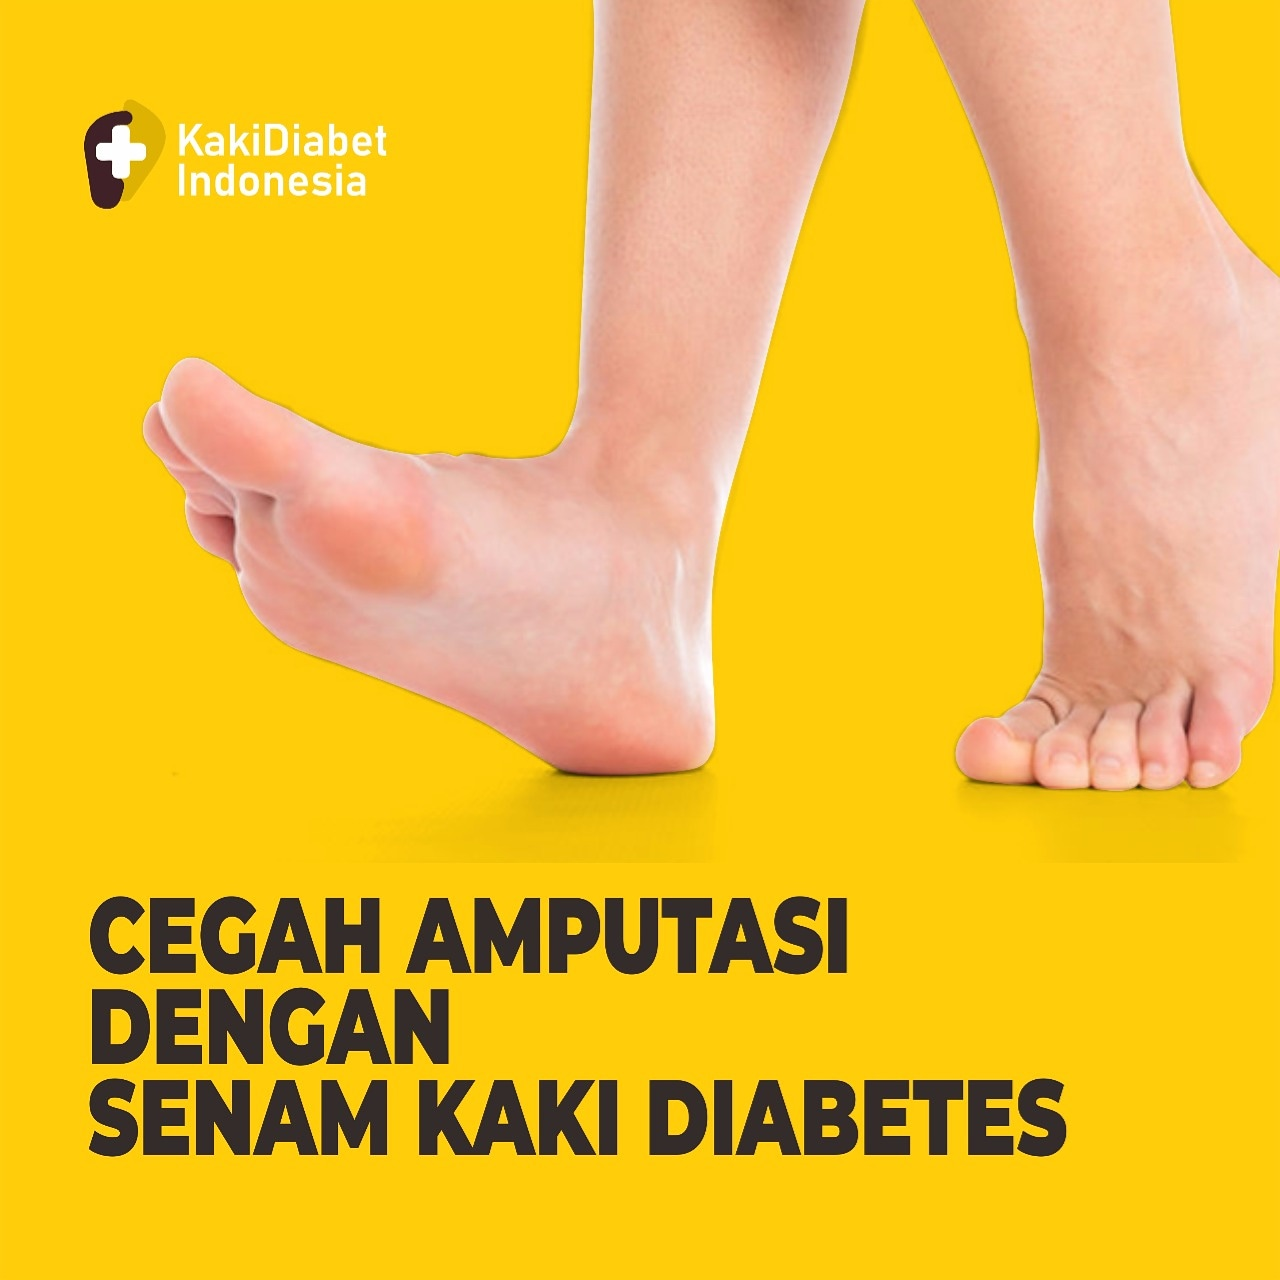 PENTINGNYA SENAM KAKI DIABETET BAGI PENDERITA DIABETES MELLITUS